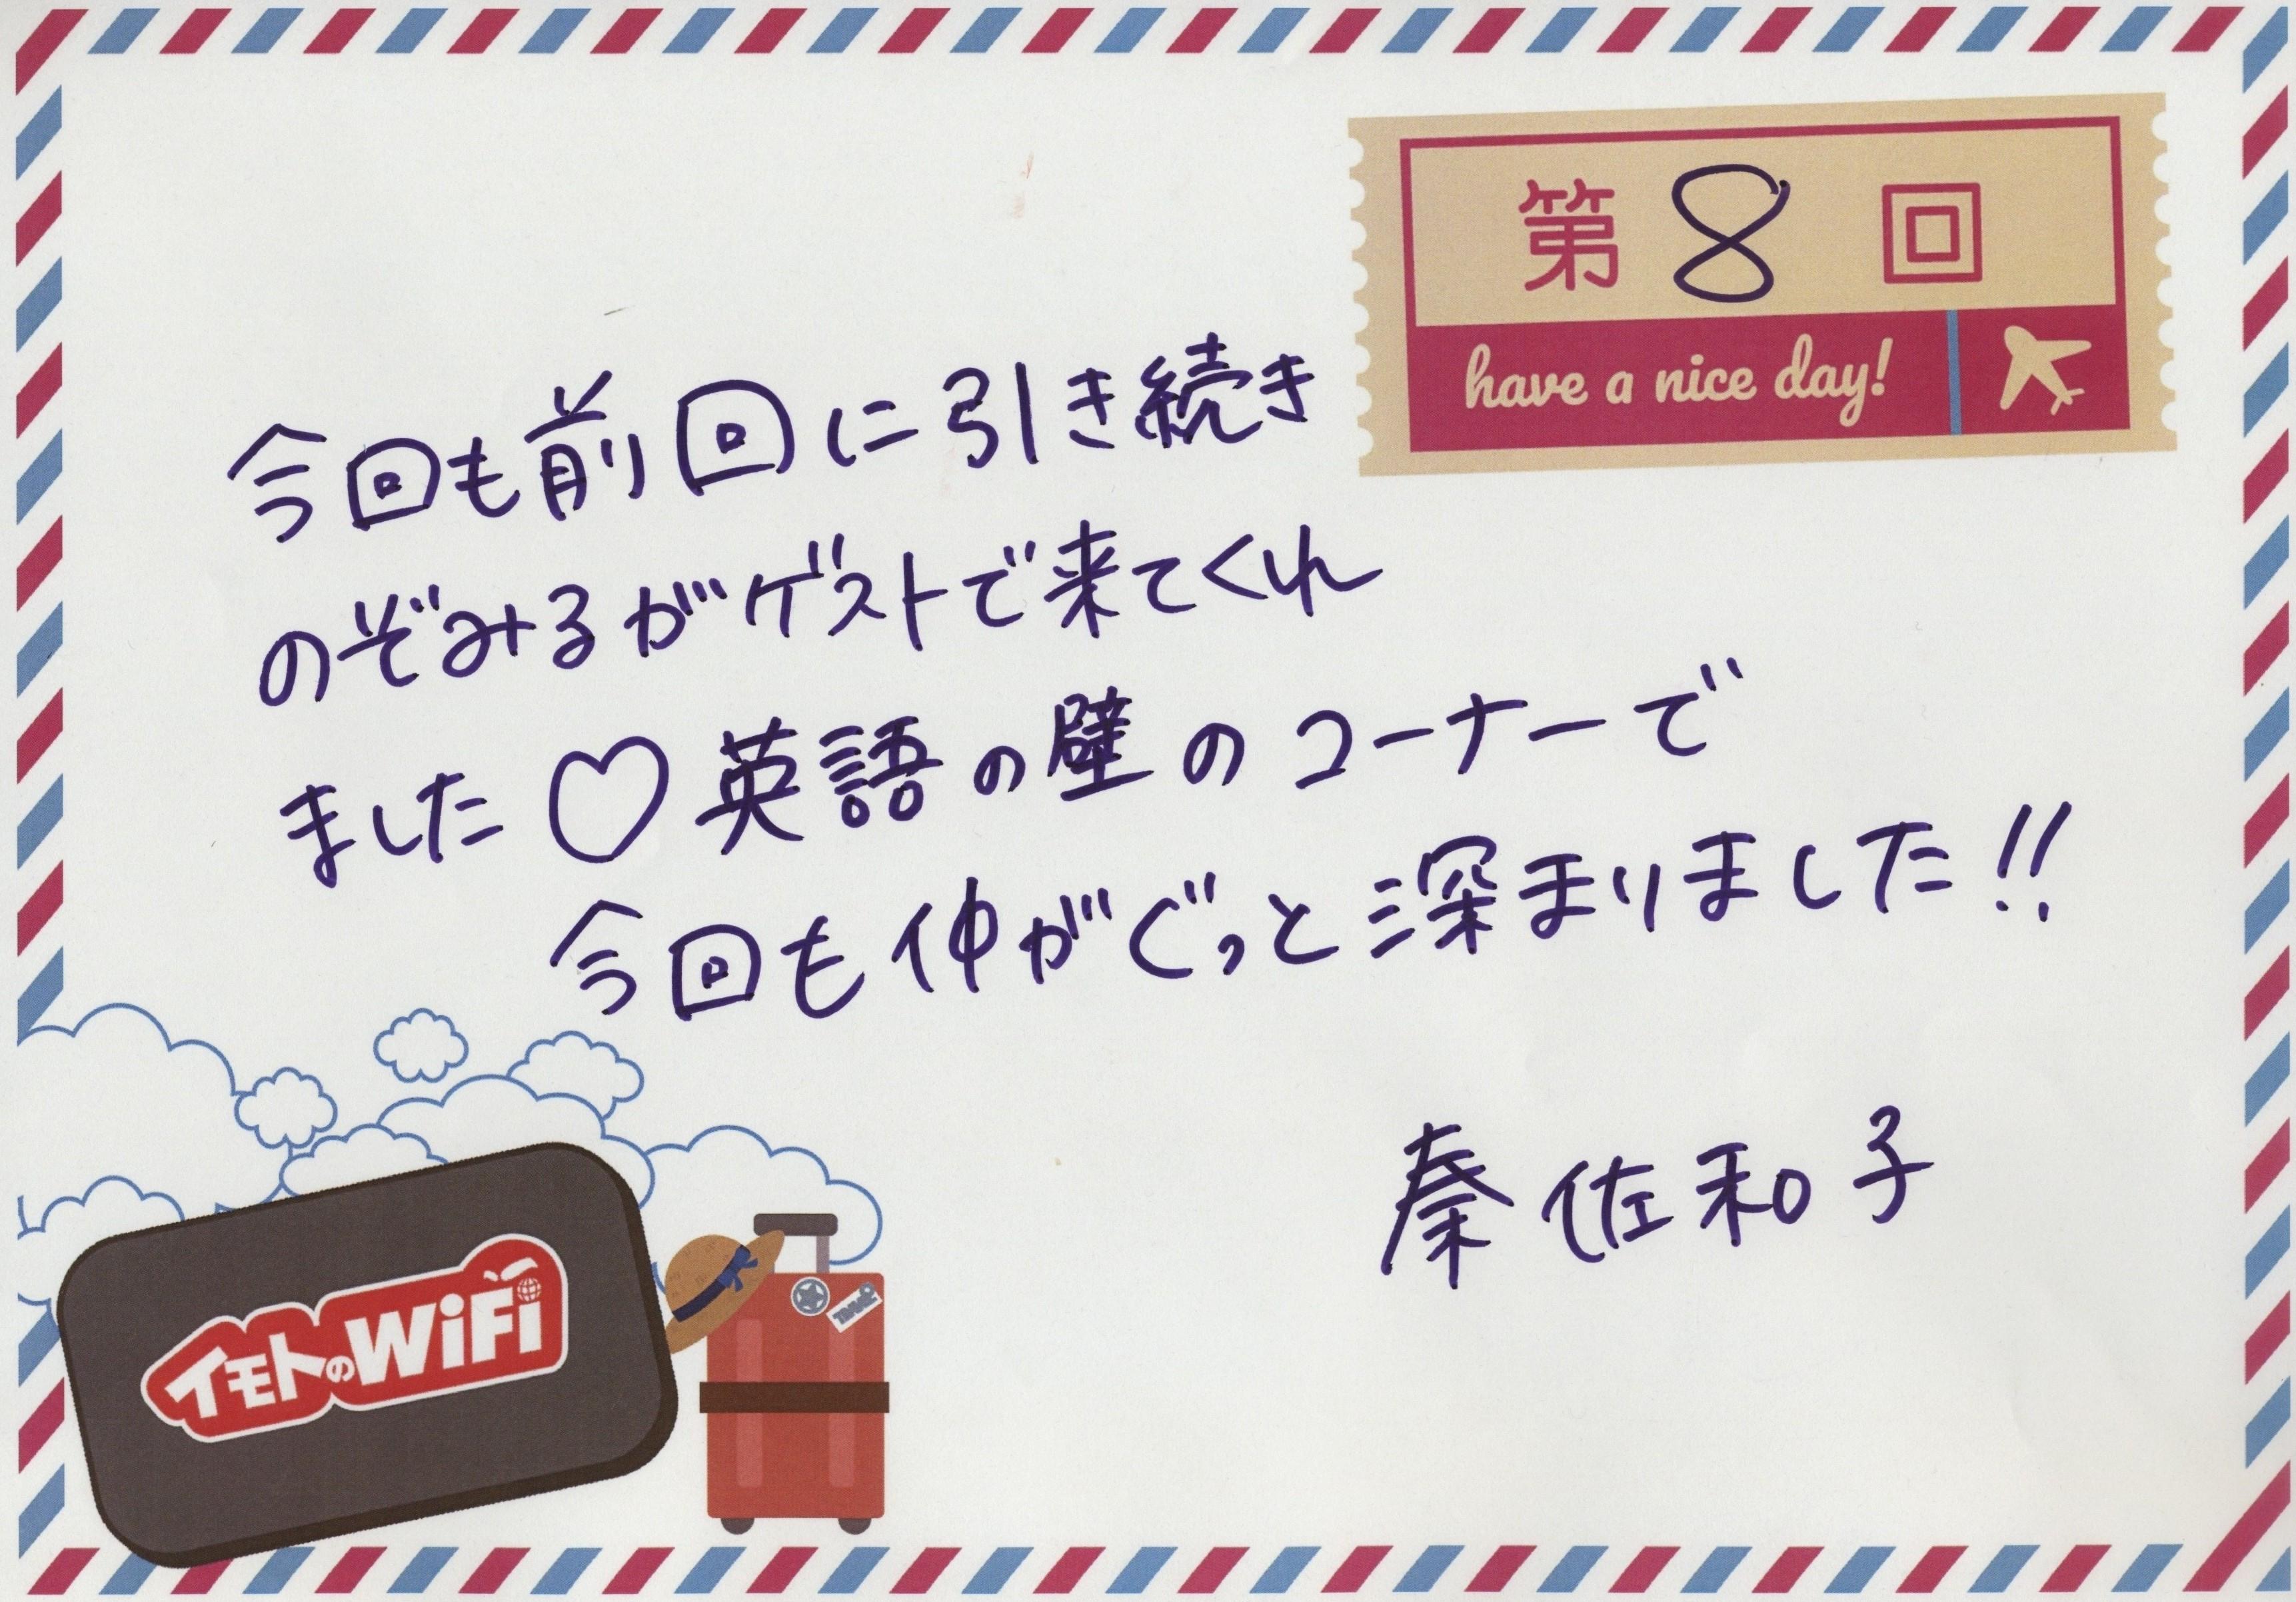 wifi08h.jpg